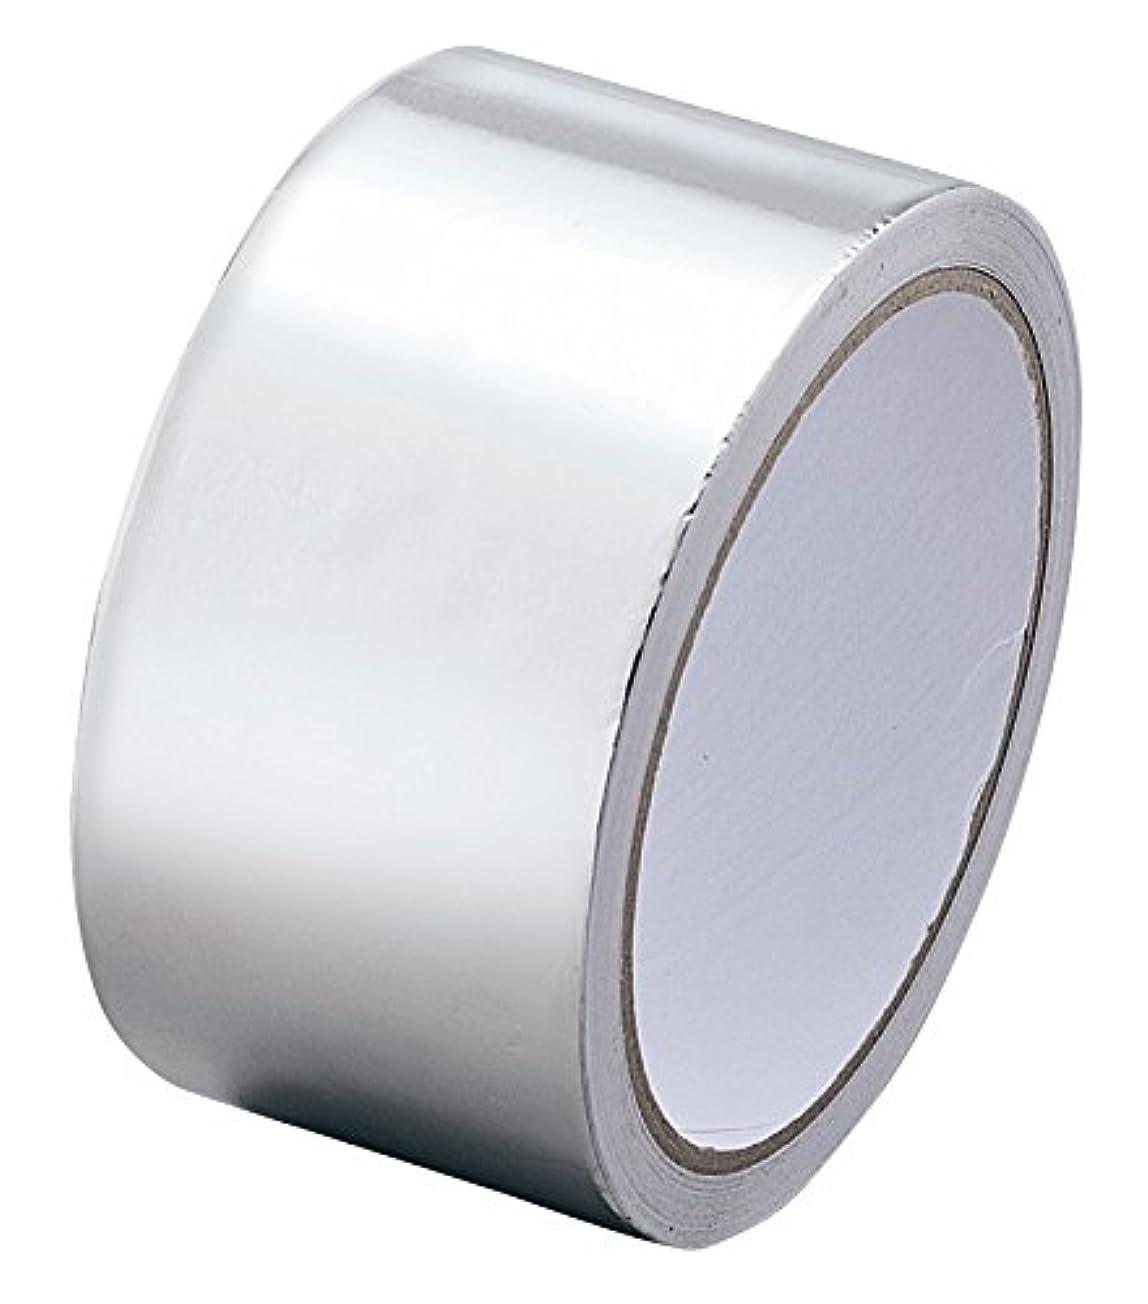 広まった解決反応するアルミテープ